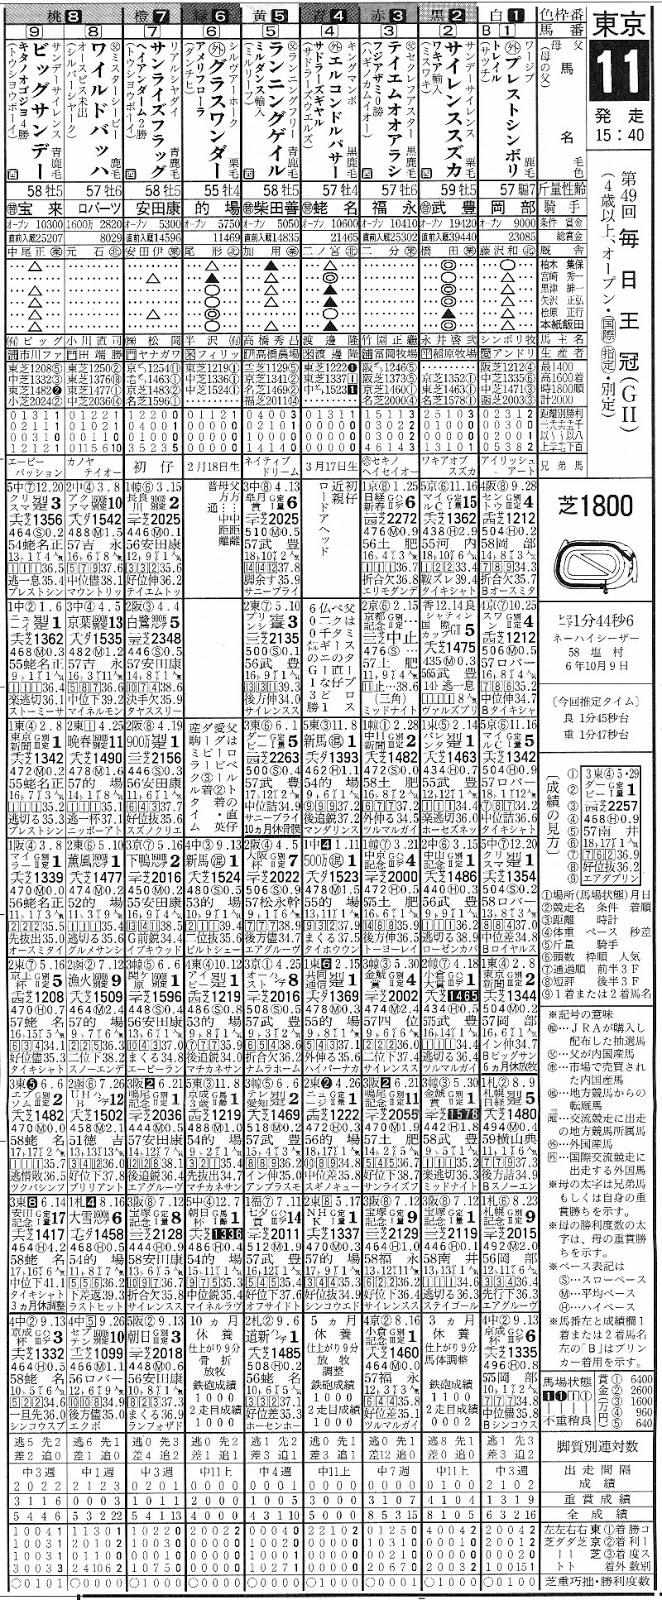 1998年の毎日王冠の日刊競馬の競馬新聞